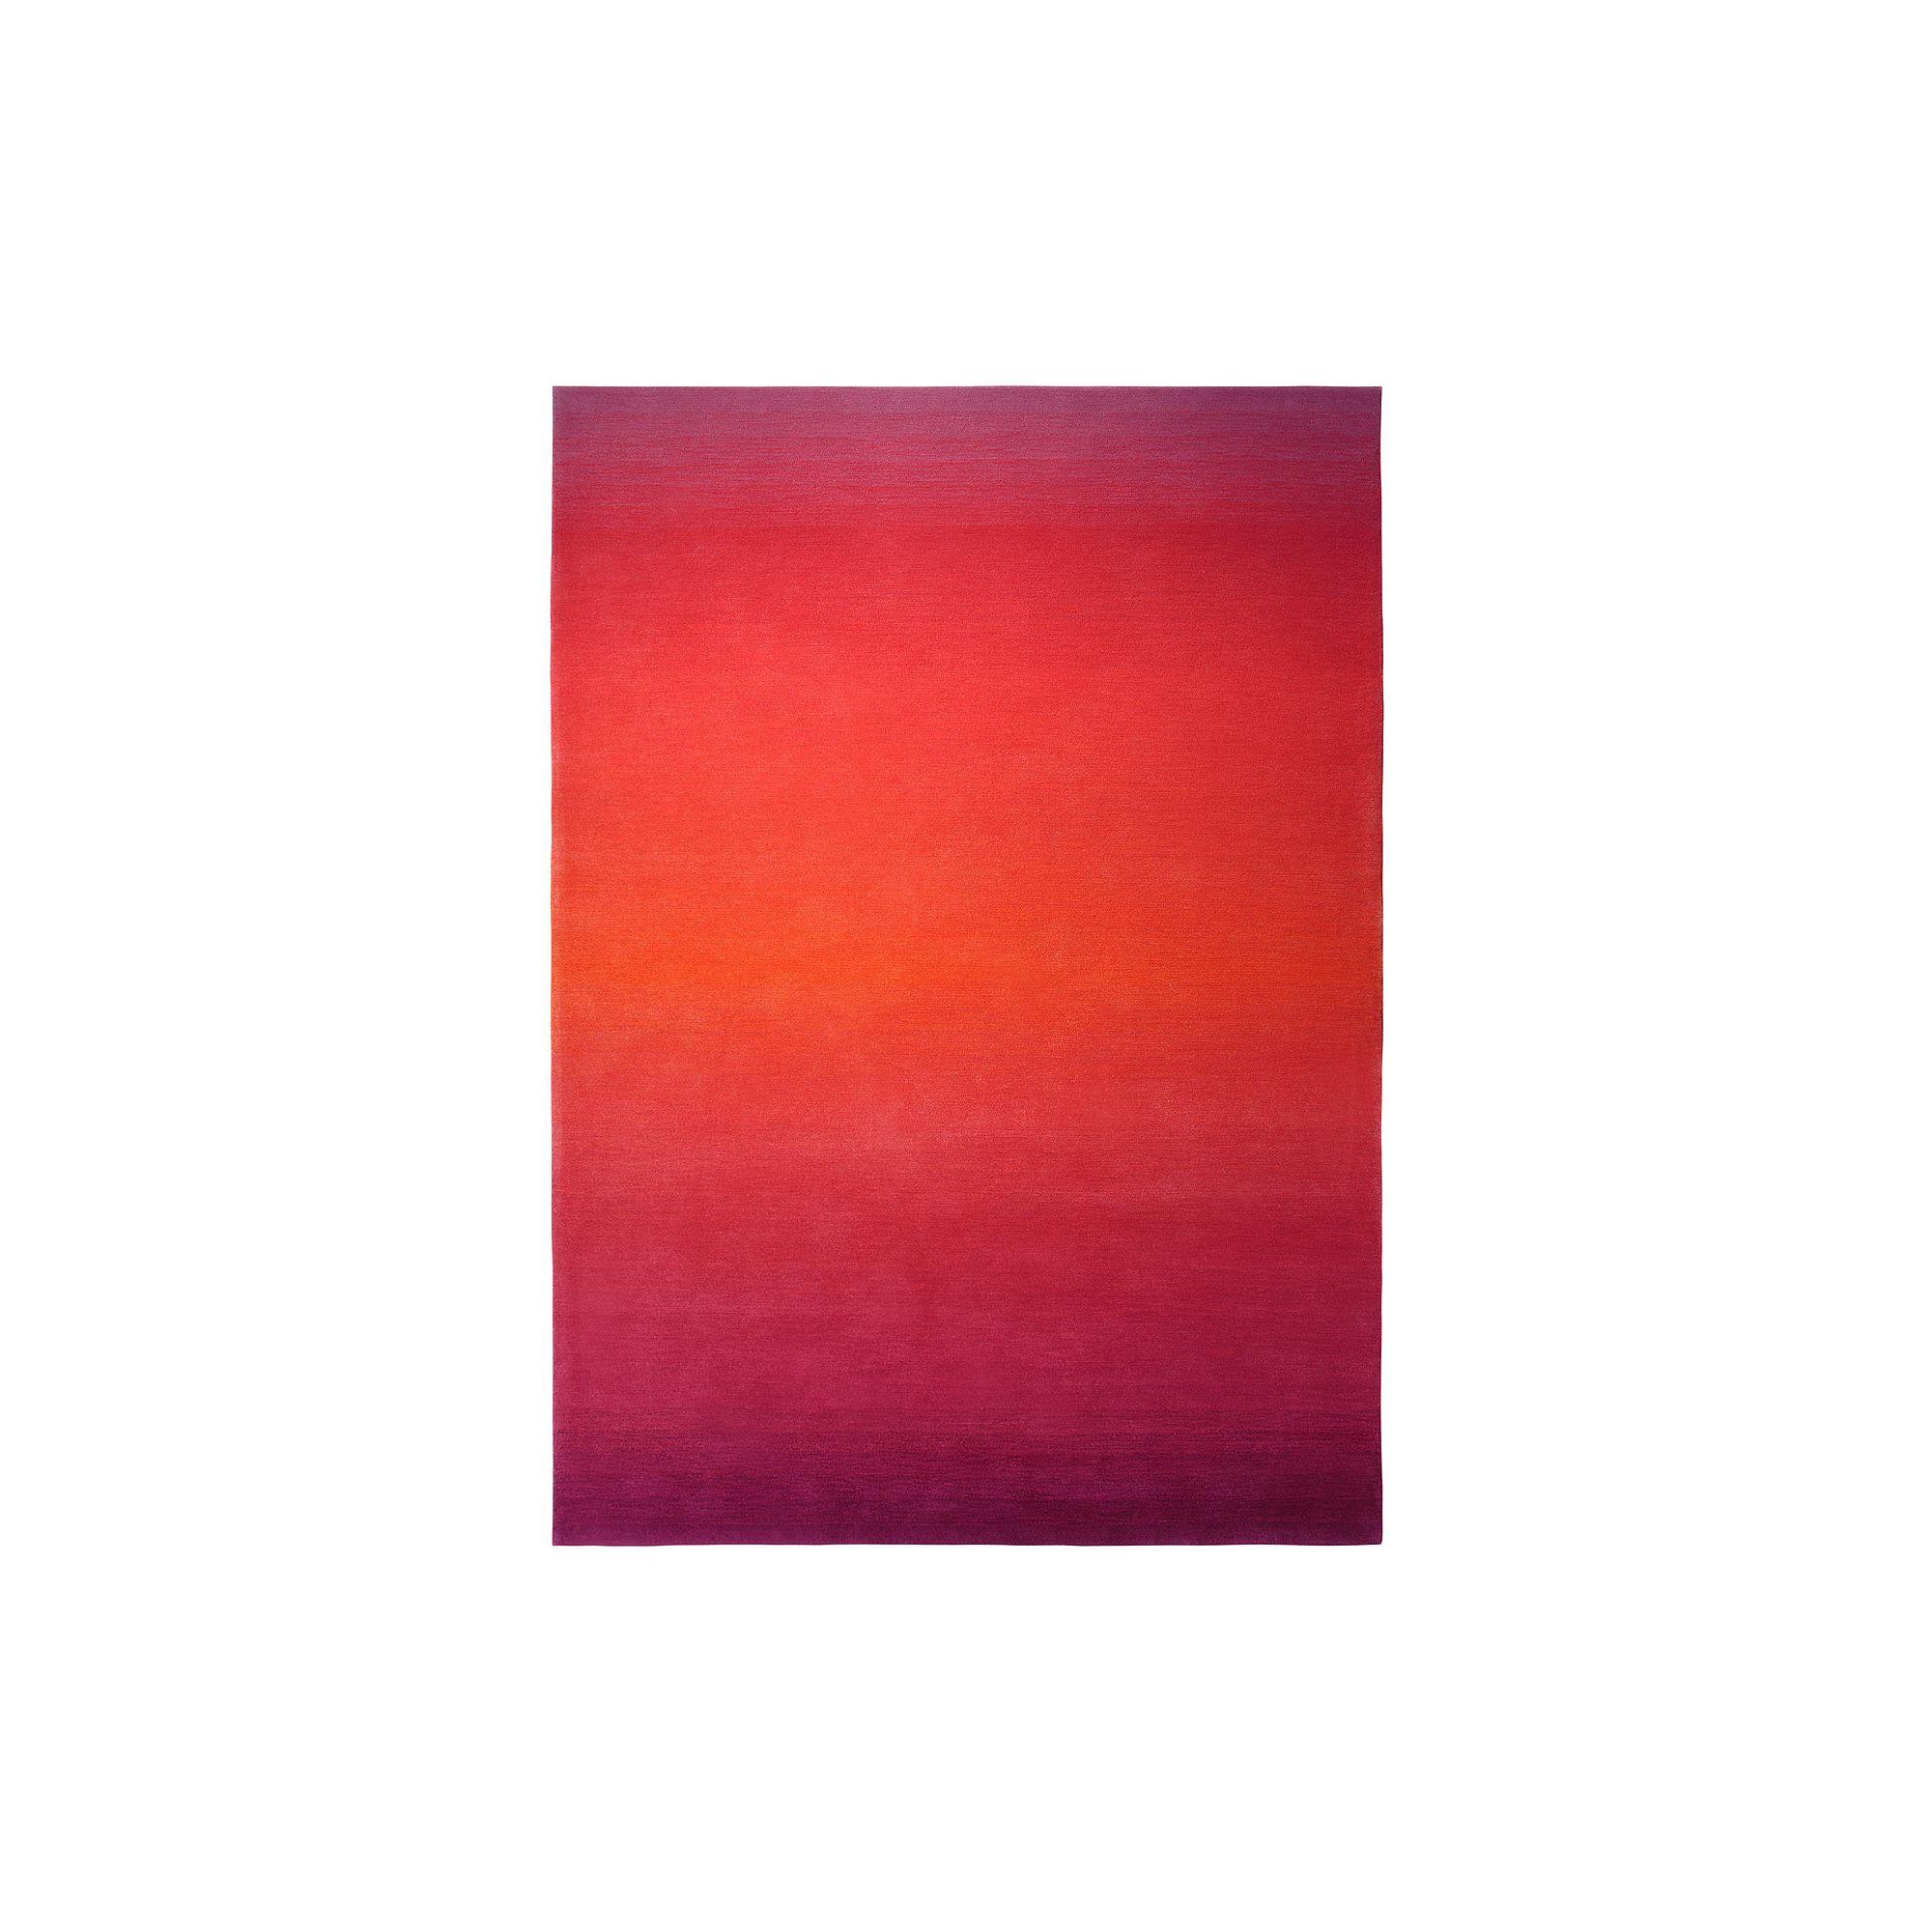 Esprit Summer Fun Orange Contemporary Rug - 120cm x 180cm